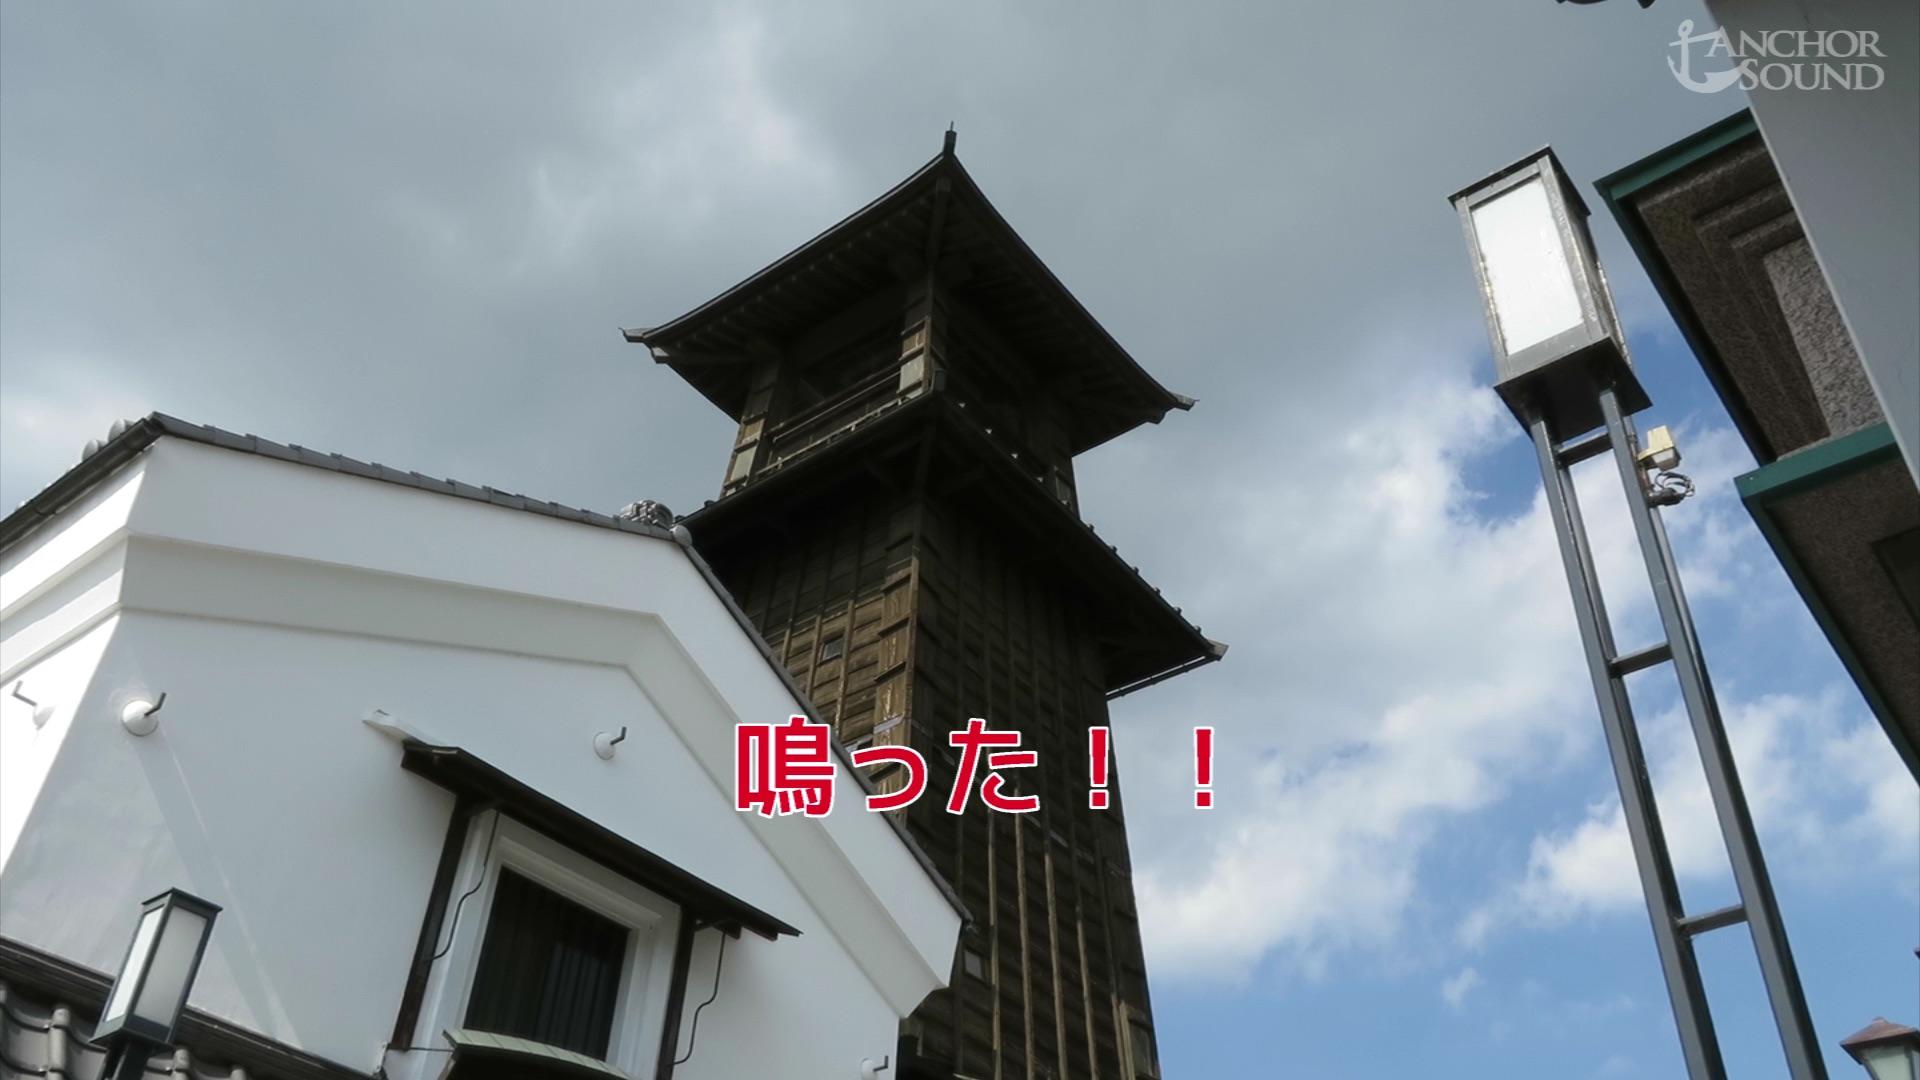 埼玉県川越を散策